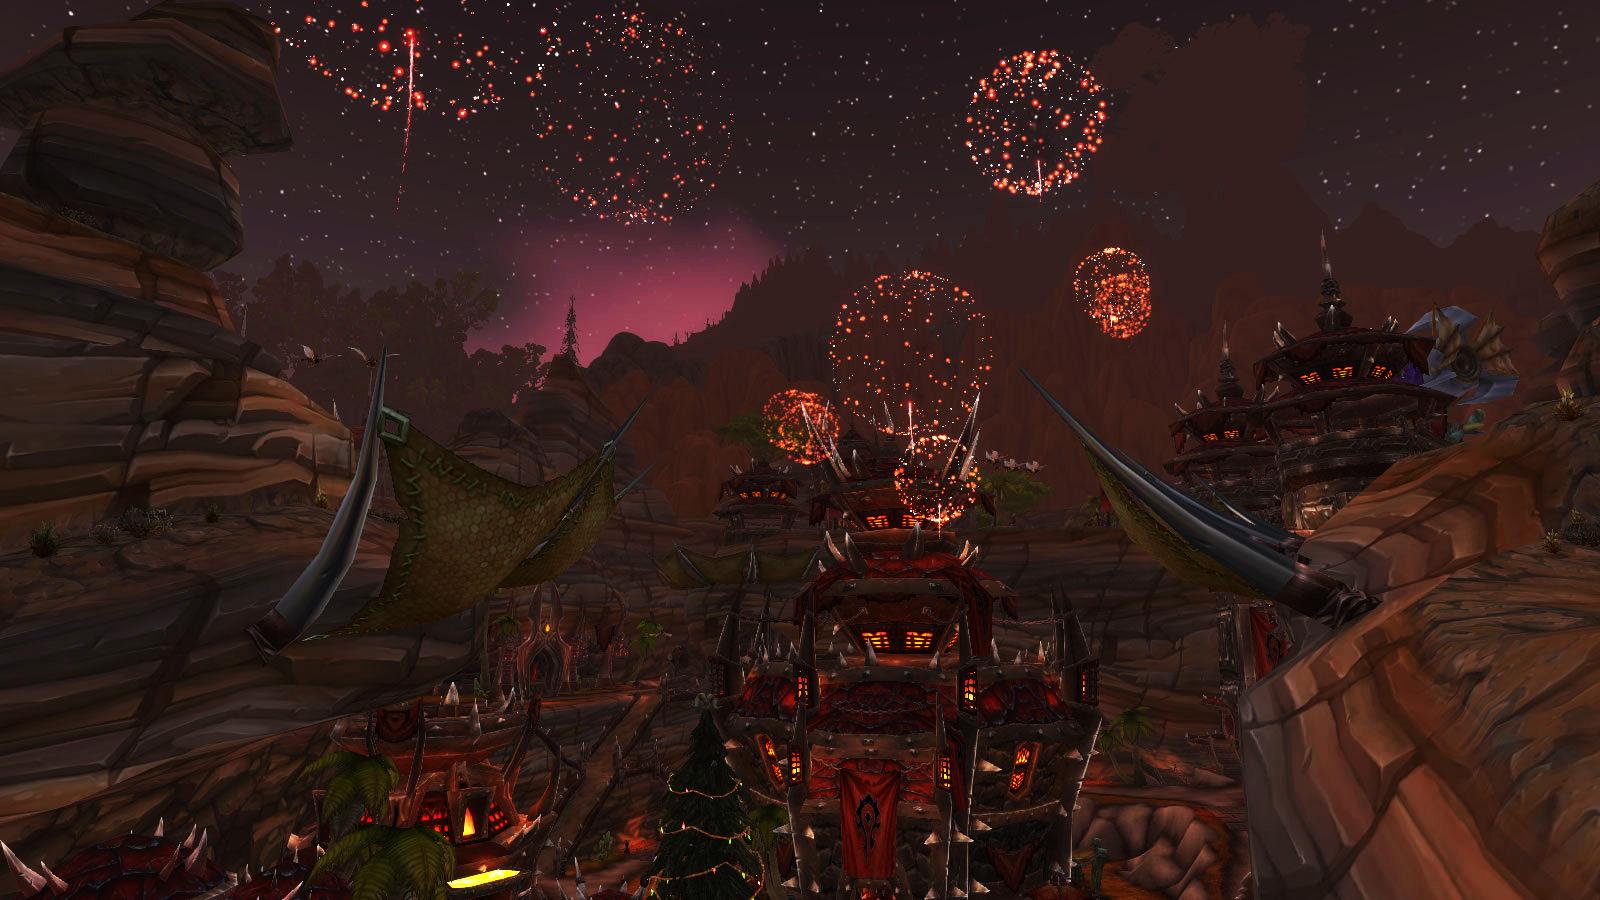 Assistez toutes les heures aux feux d'artifice tirés dans les grandes villes d'Azeroth pour le Nouvel an